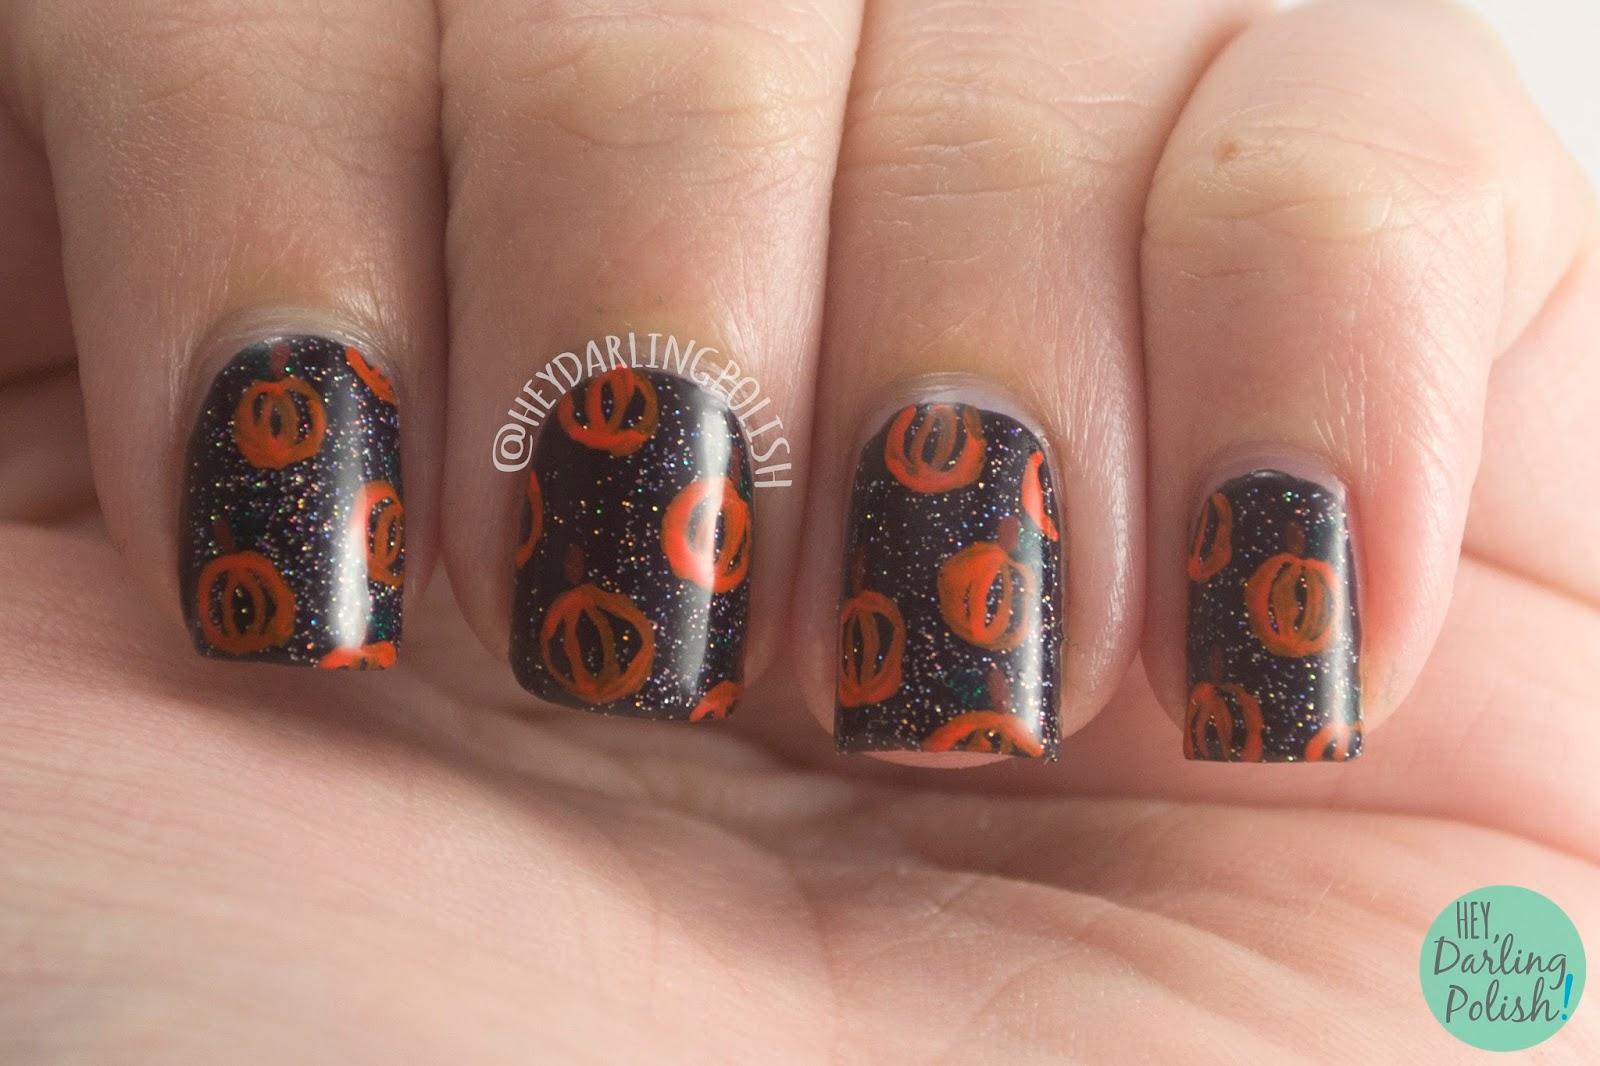 nails, nail art, nail polish, pumpkins, halloween, hey darling polish, nail linkup, naillinkup